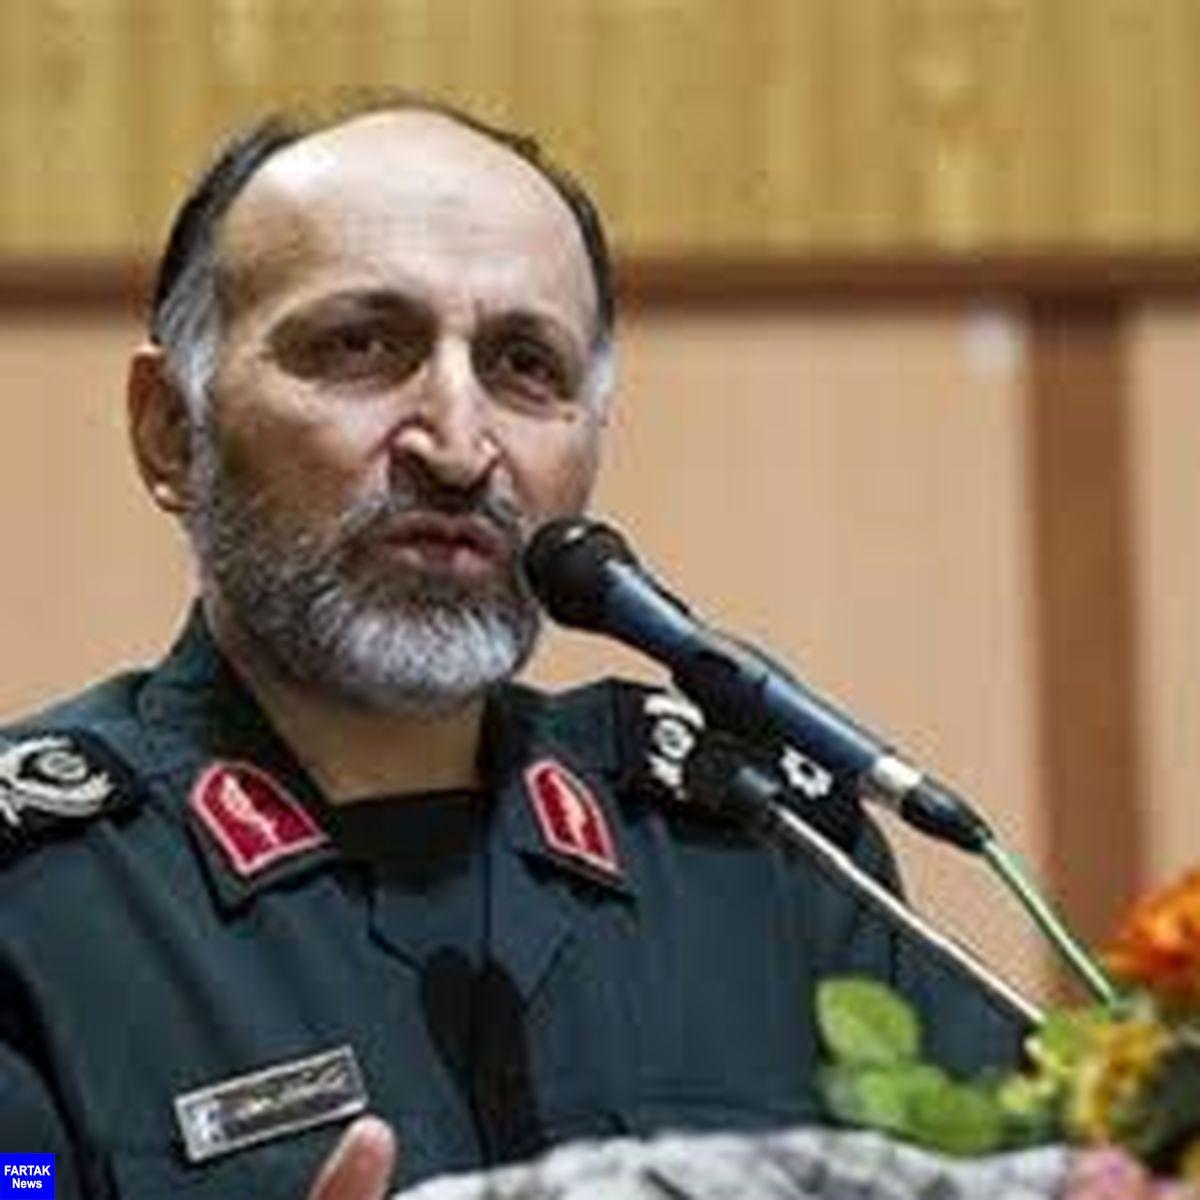 سردار حجازی: شمار موشکهای نقطه زن حزبالله بیش از تصور اسرائیلیهاست